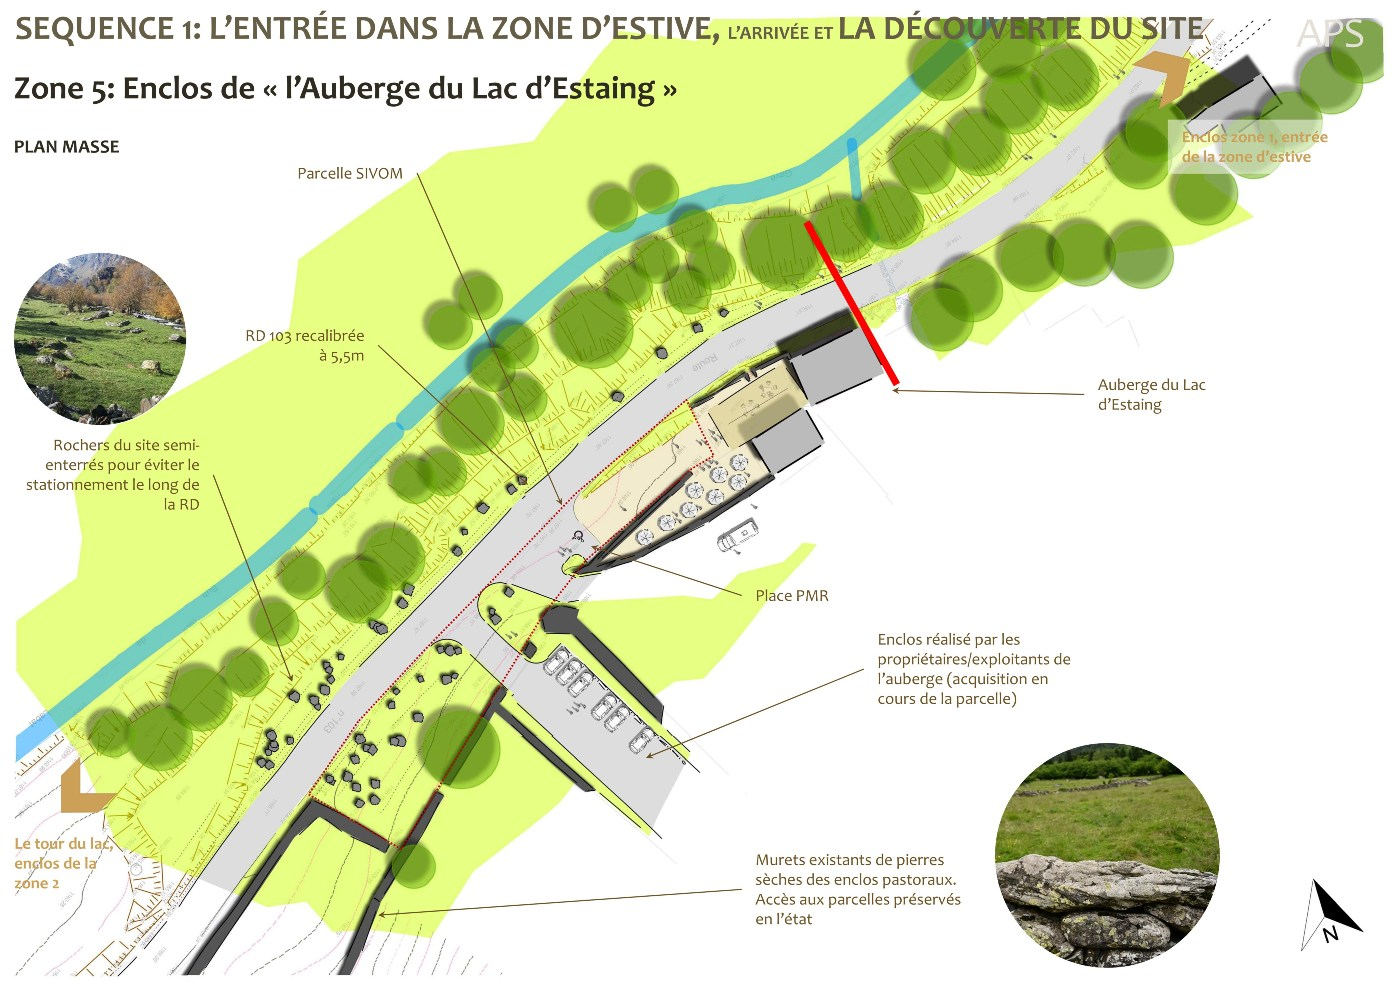 AVP, plan masse détaillé zone 5